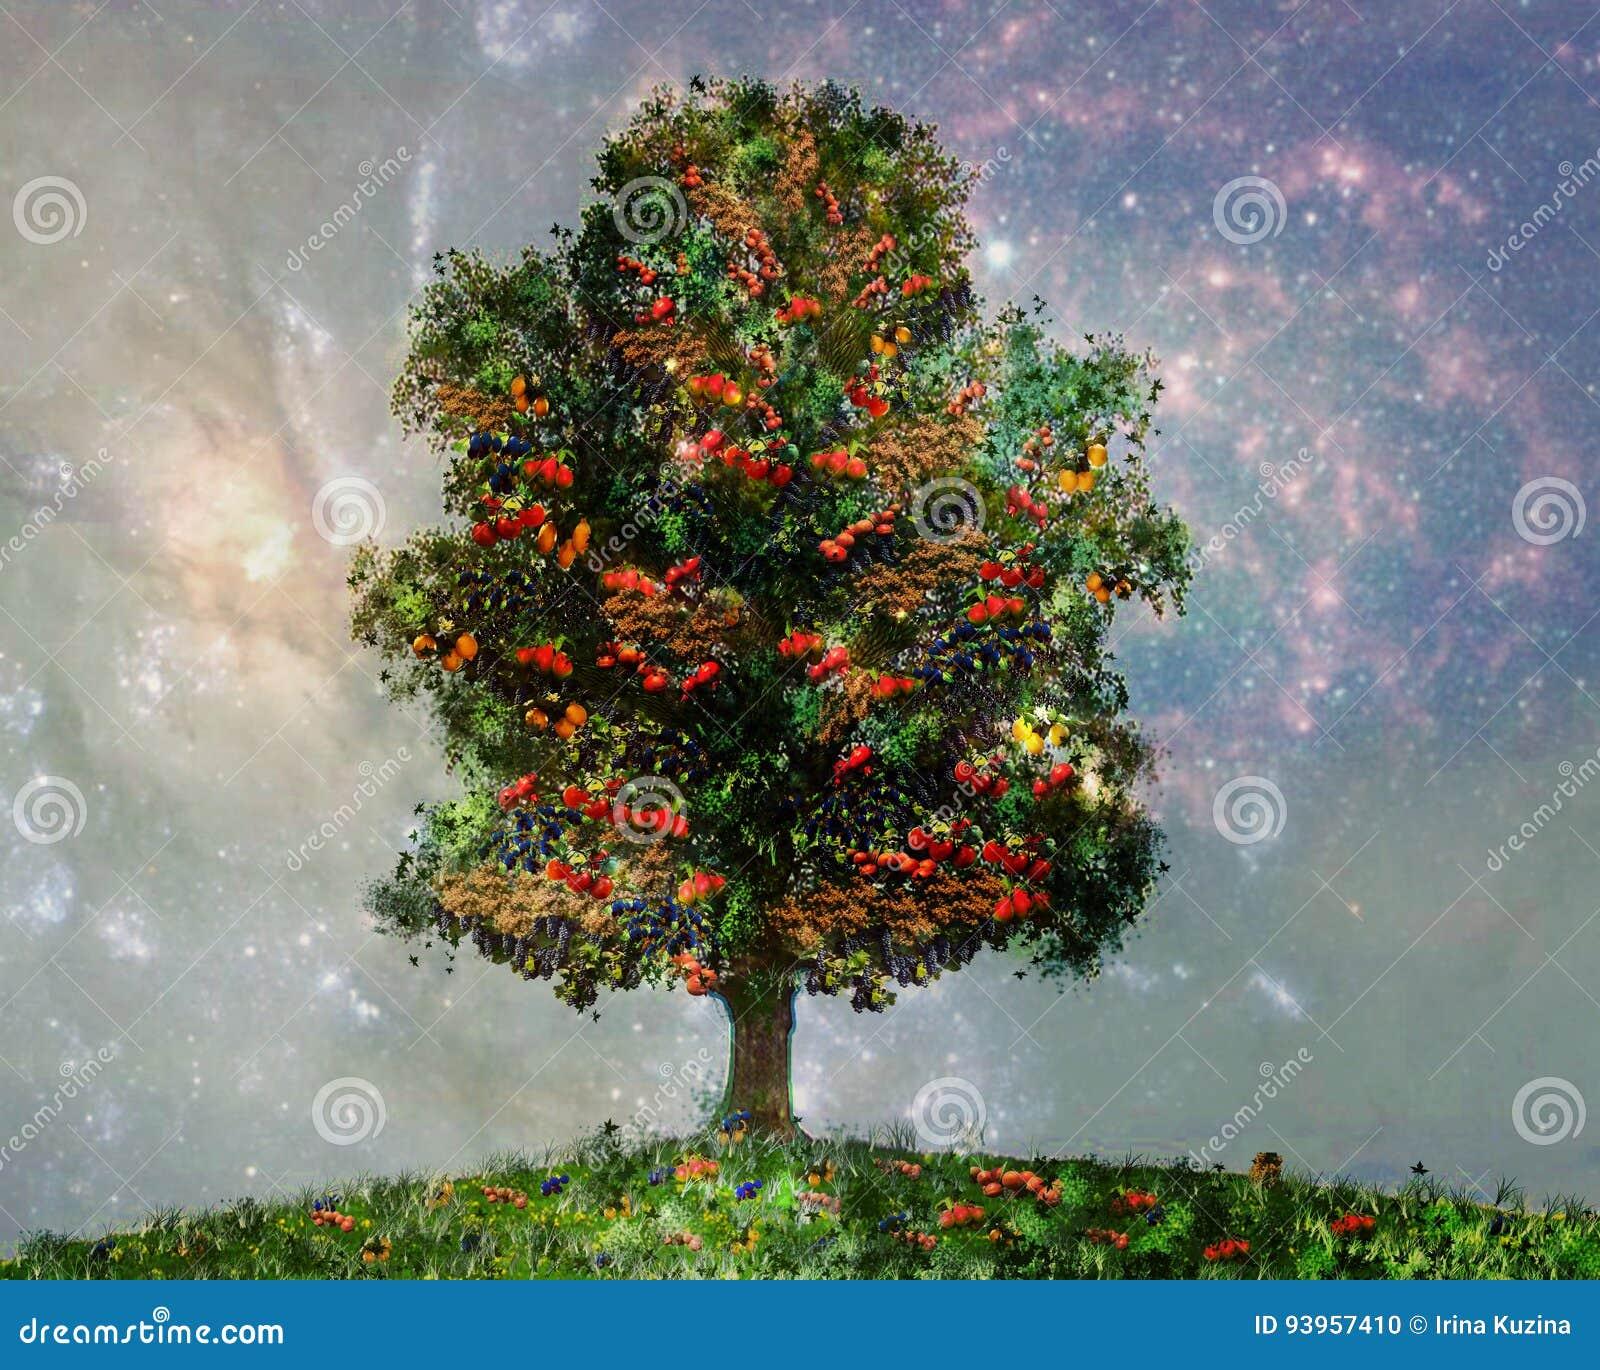 Uma árvore com frutos diferentes, bananas, laranjas, maçãs, tomates, bagas